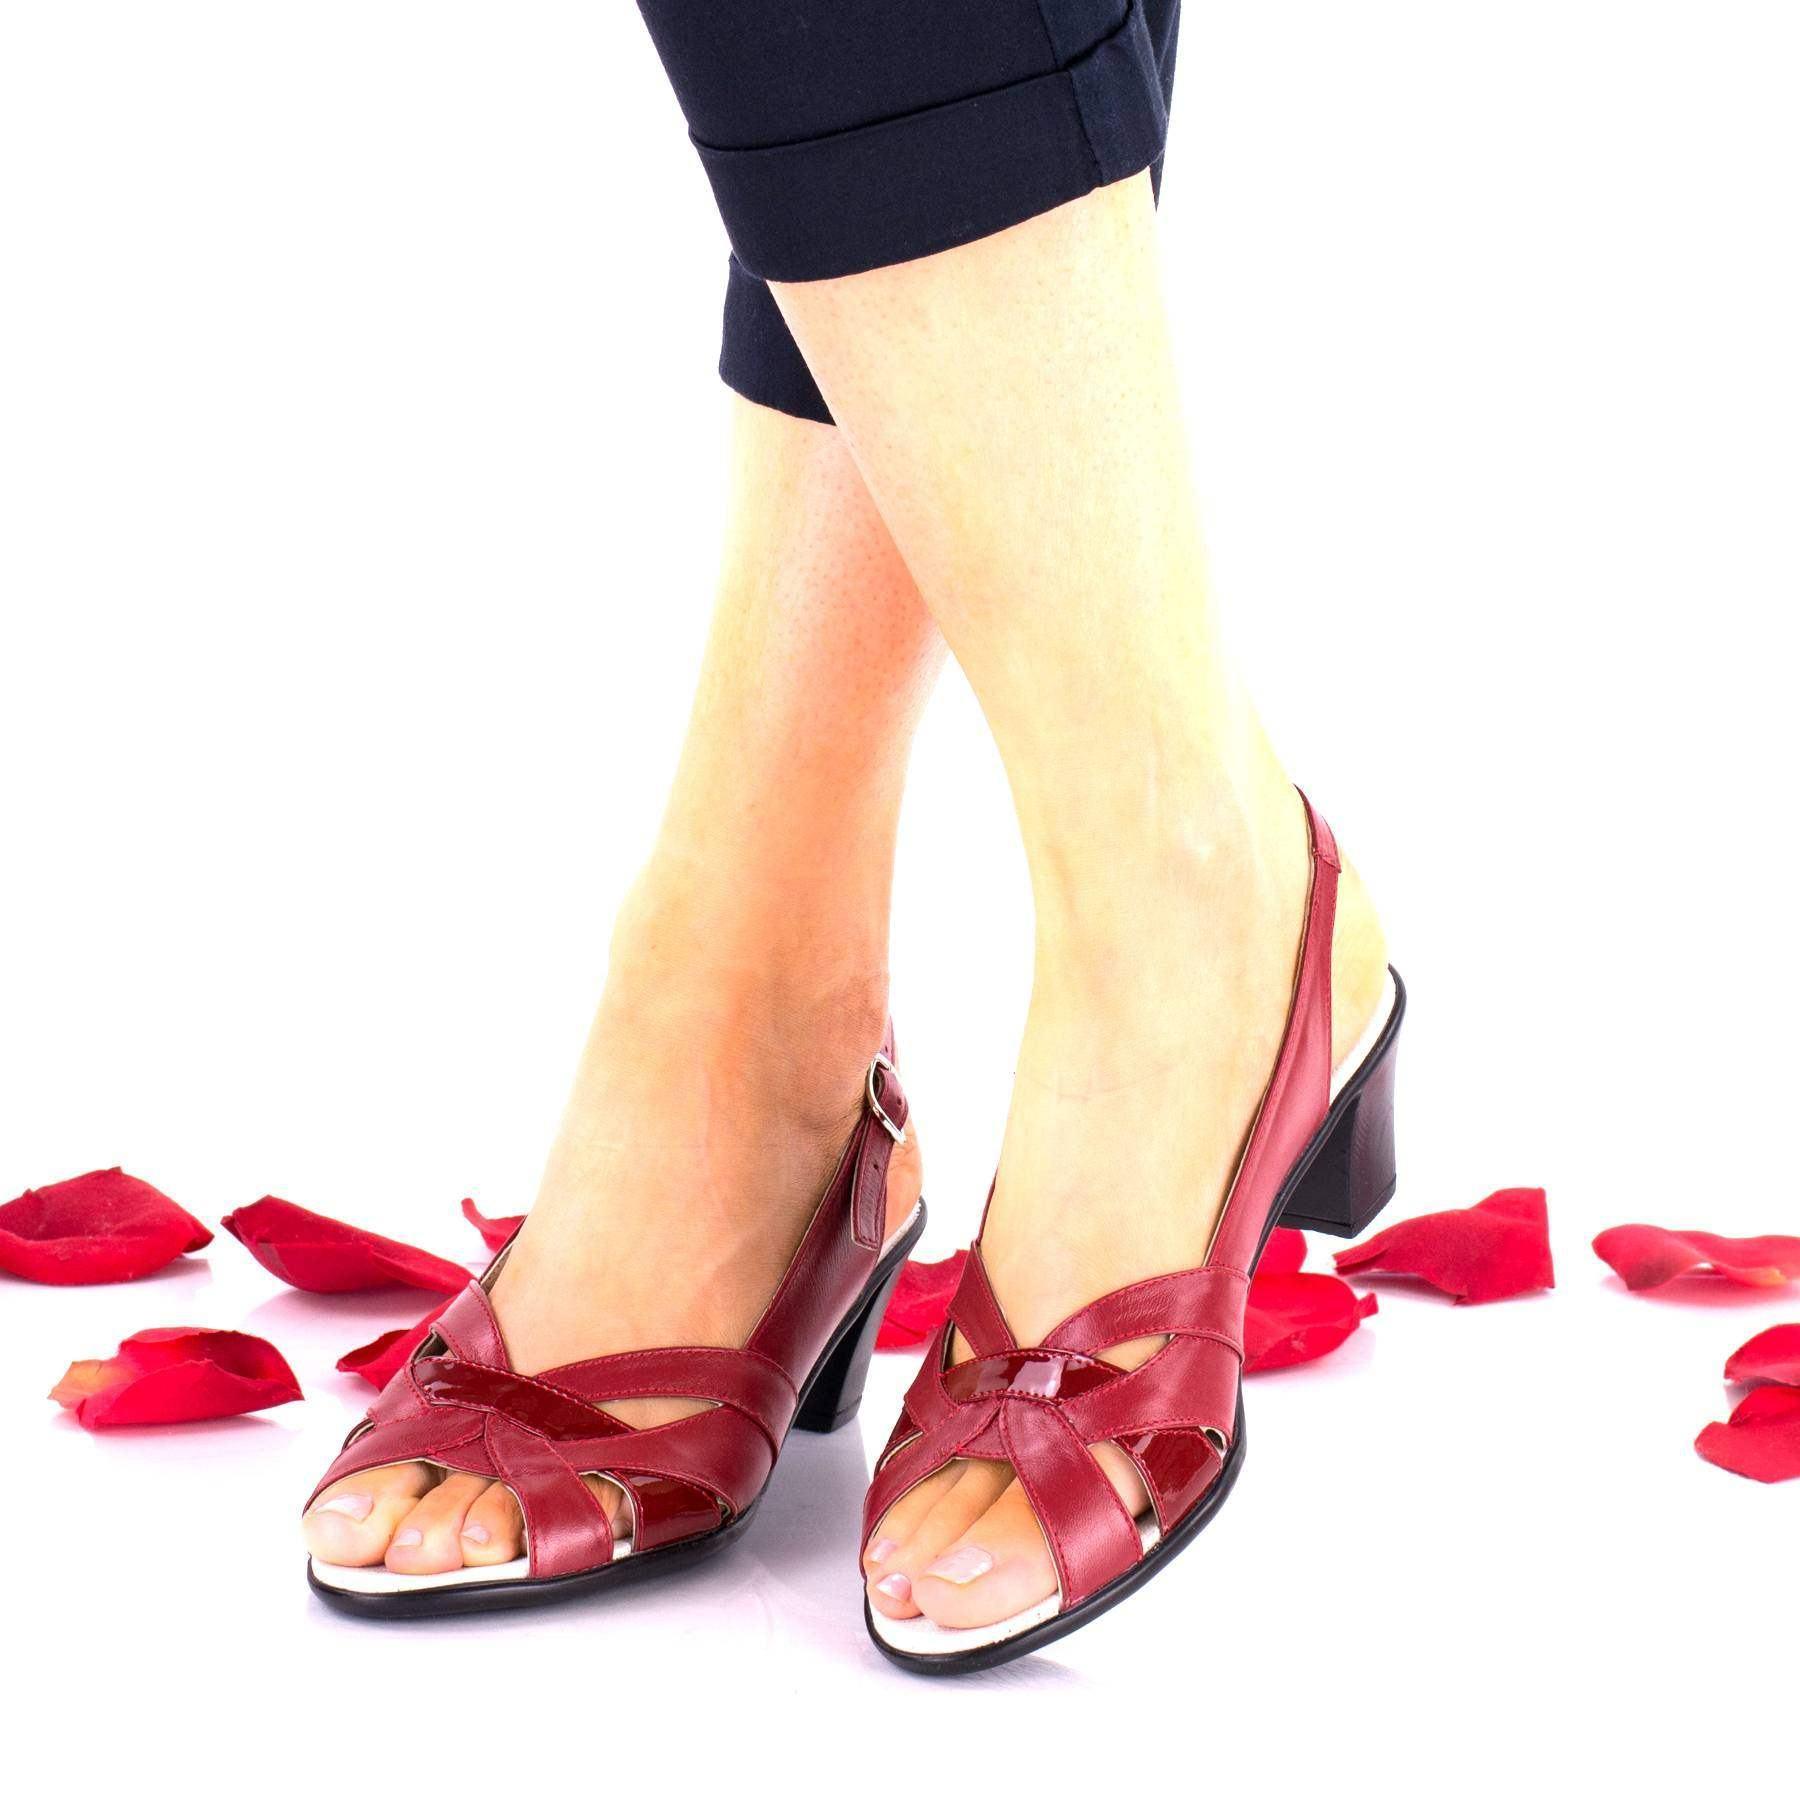 Sandale dama rosii din piele naturala, cu toc 5cm - NA229RPL